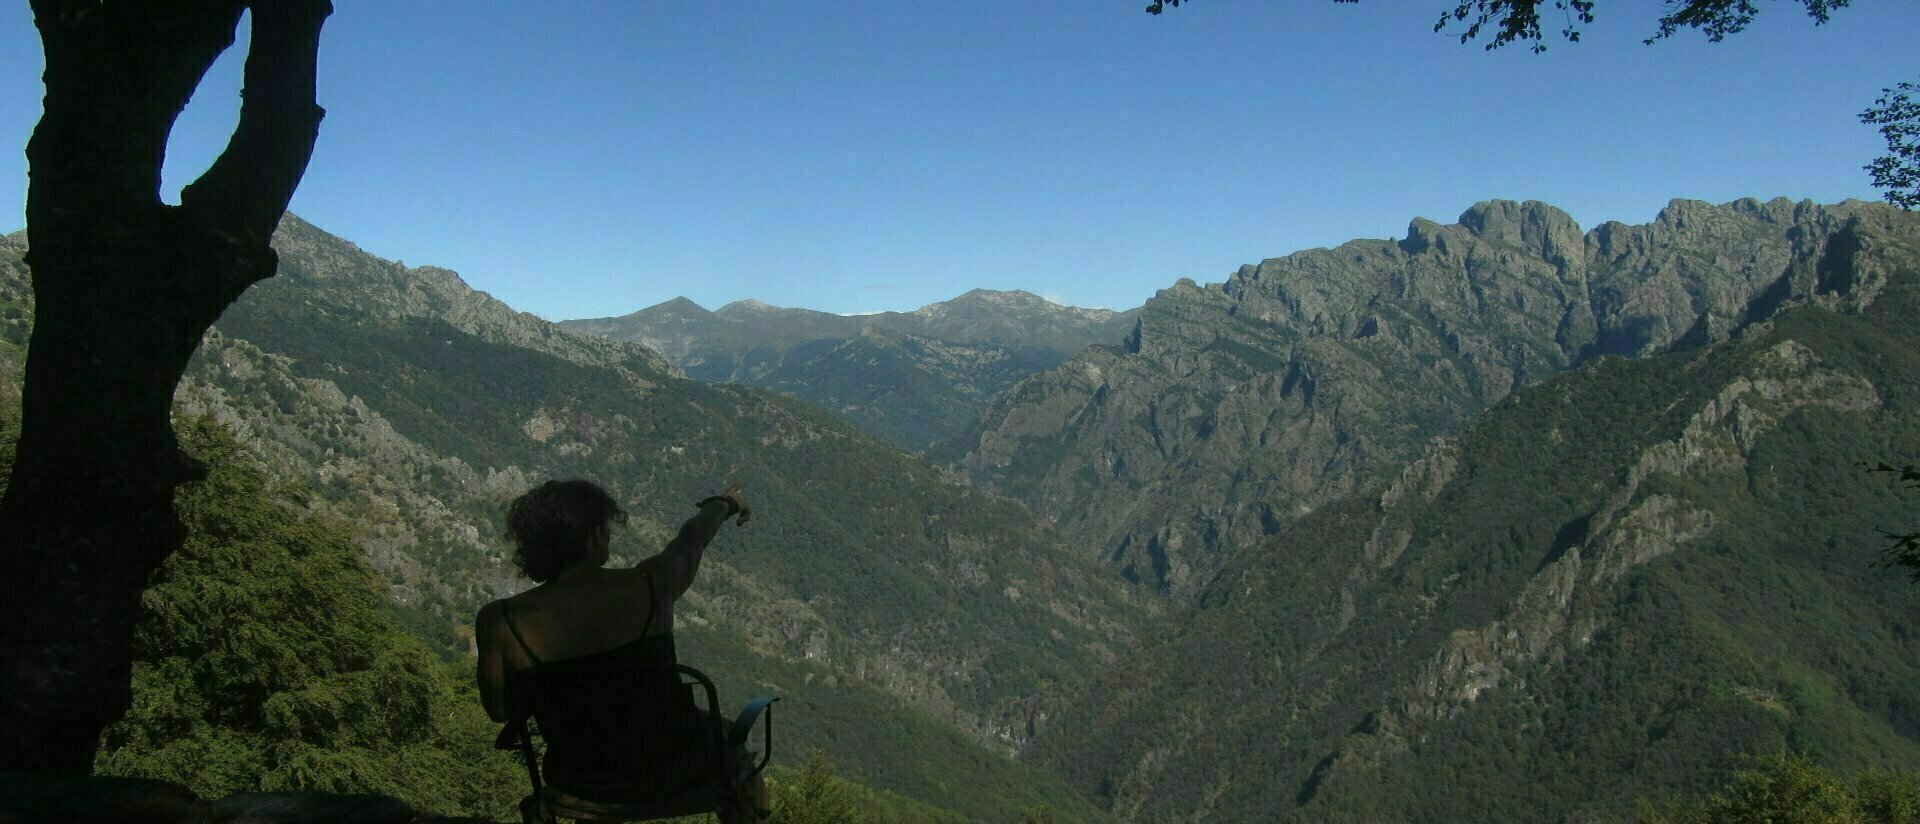 Val Grande - Ossola